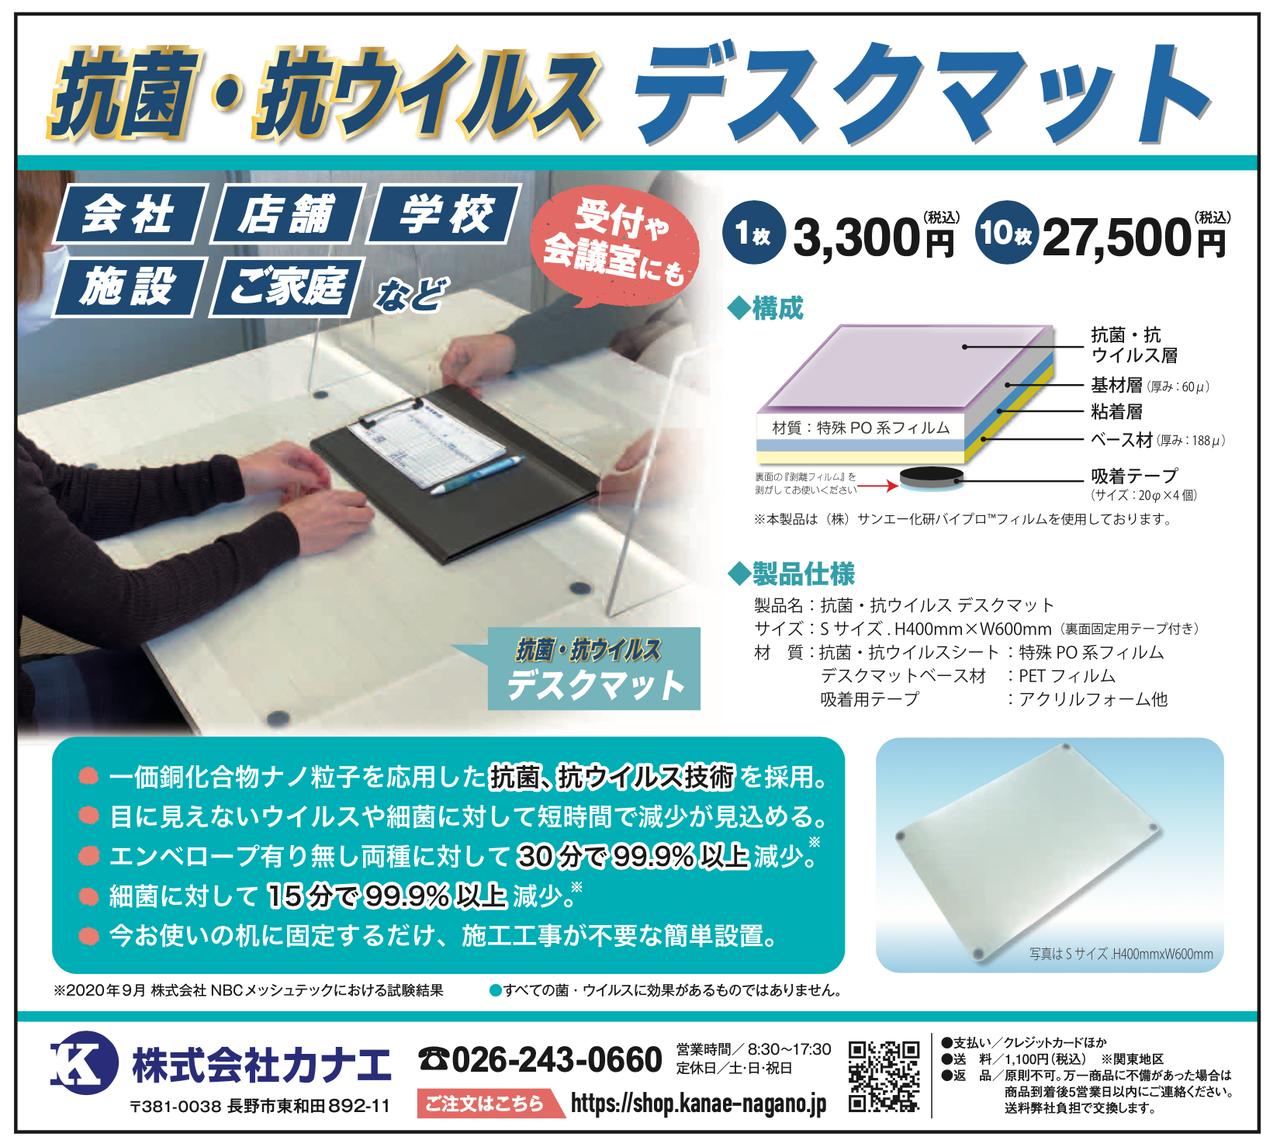 【送料無料】抗菌・抗ウィルス デスクマット(10枚入り)